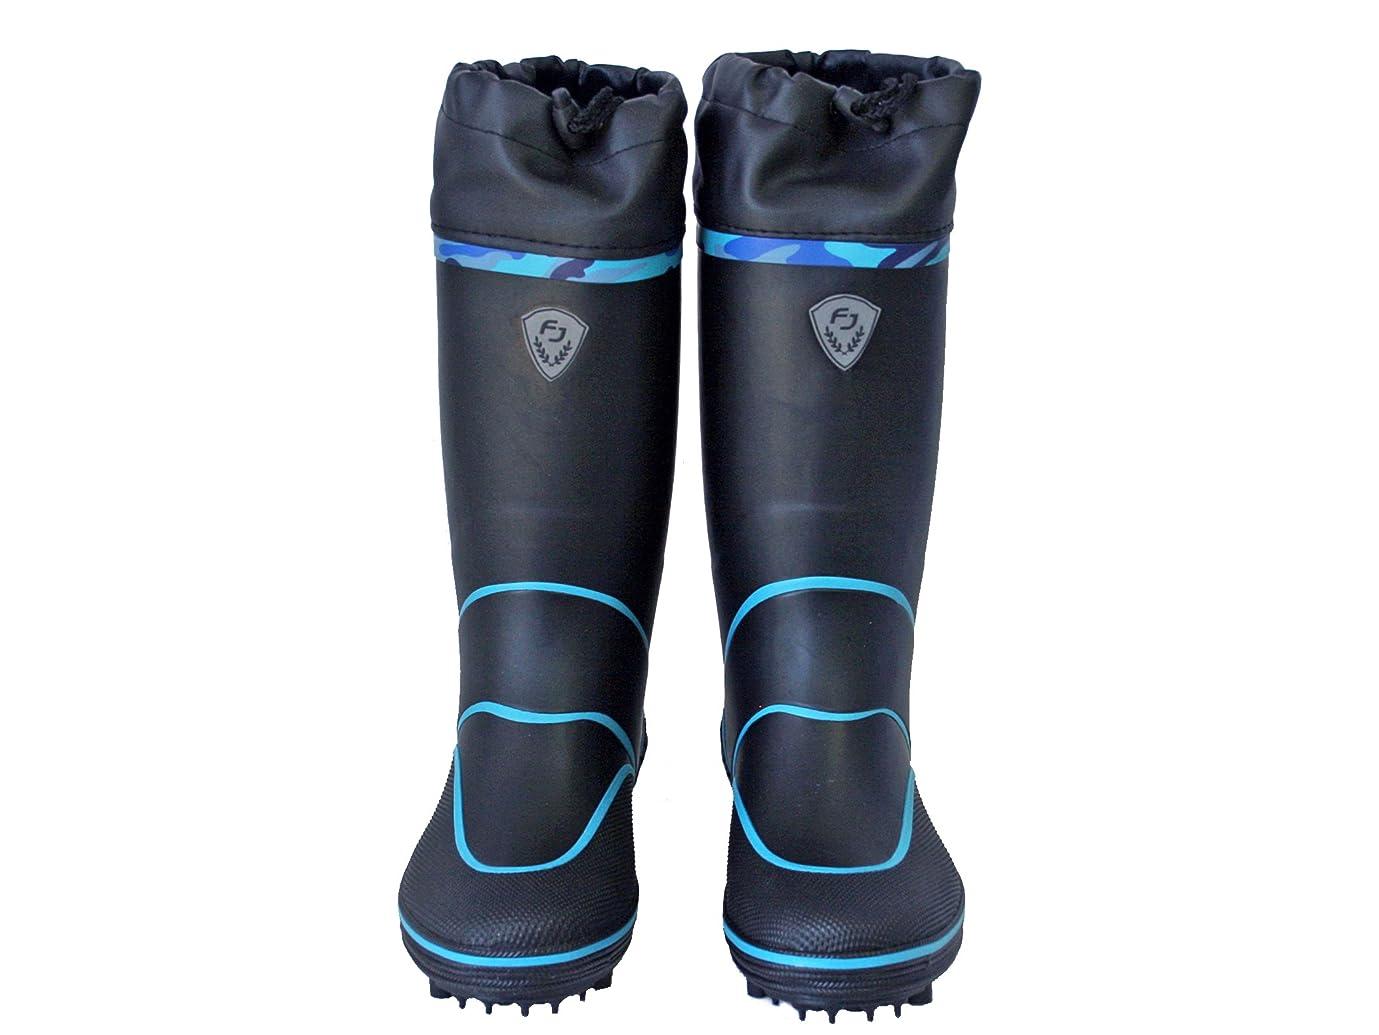 バウンドマニア自分のSP-1094 スパイクブーツ ブラック ファインジャパン フィッシングブーツ 釣り用長靴